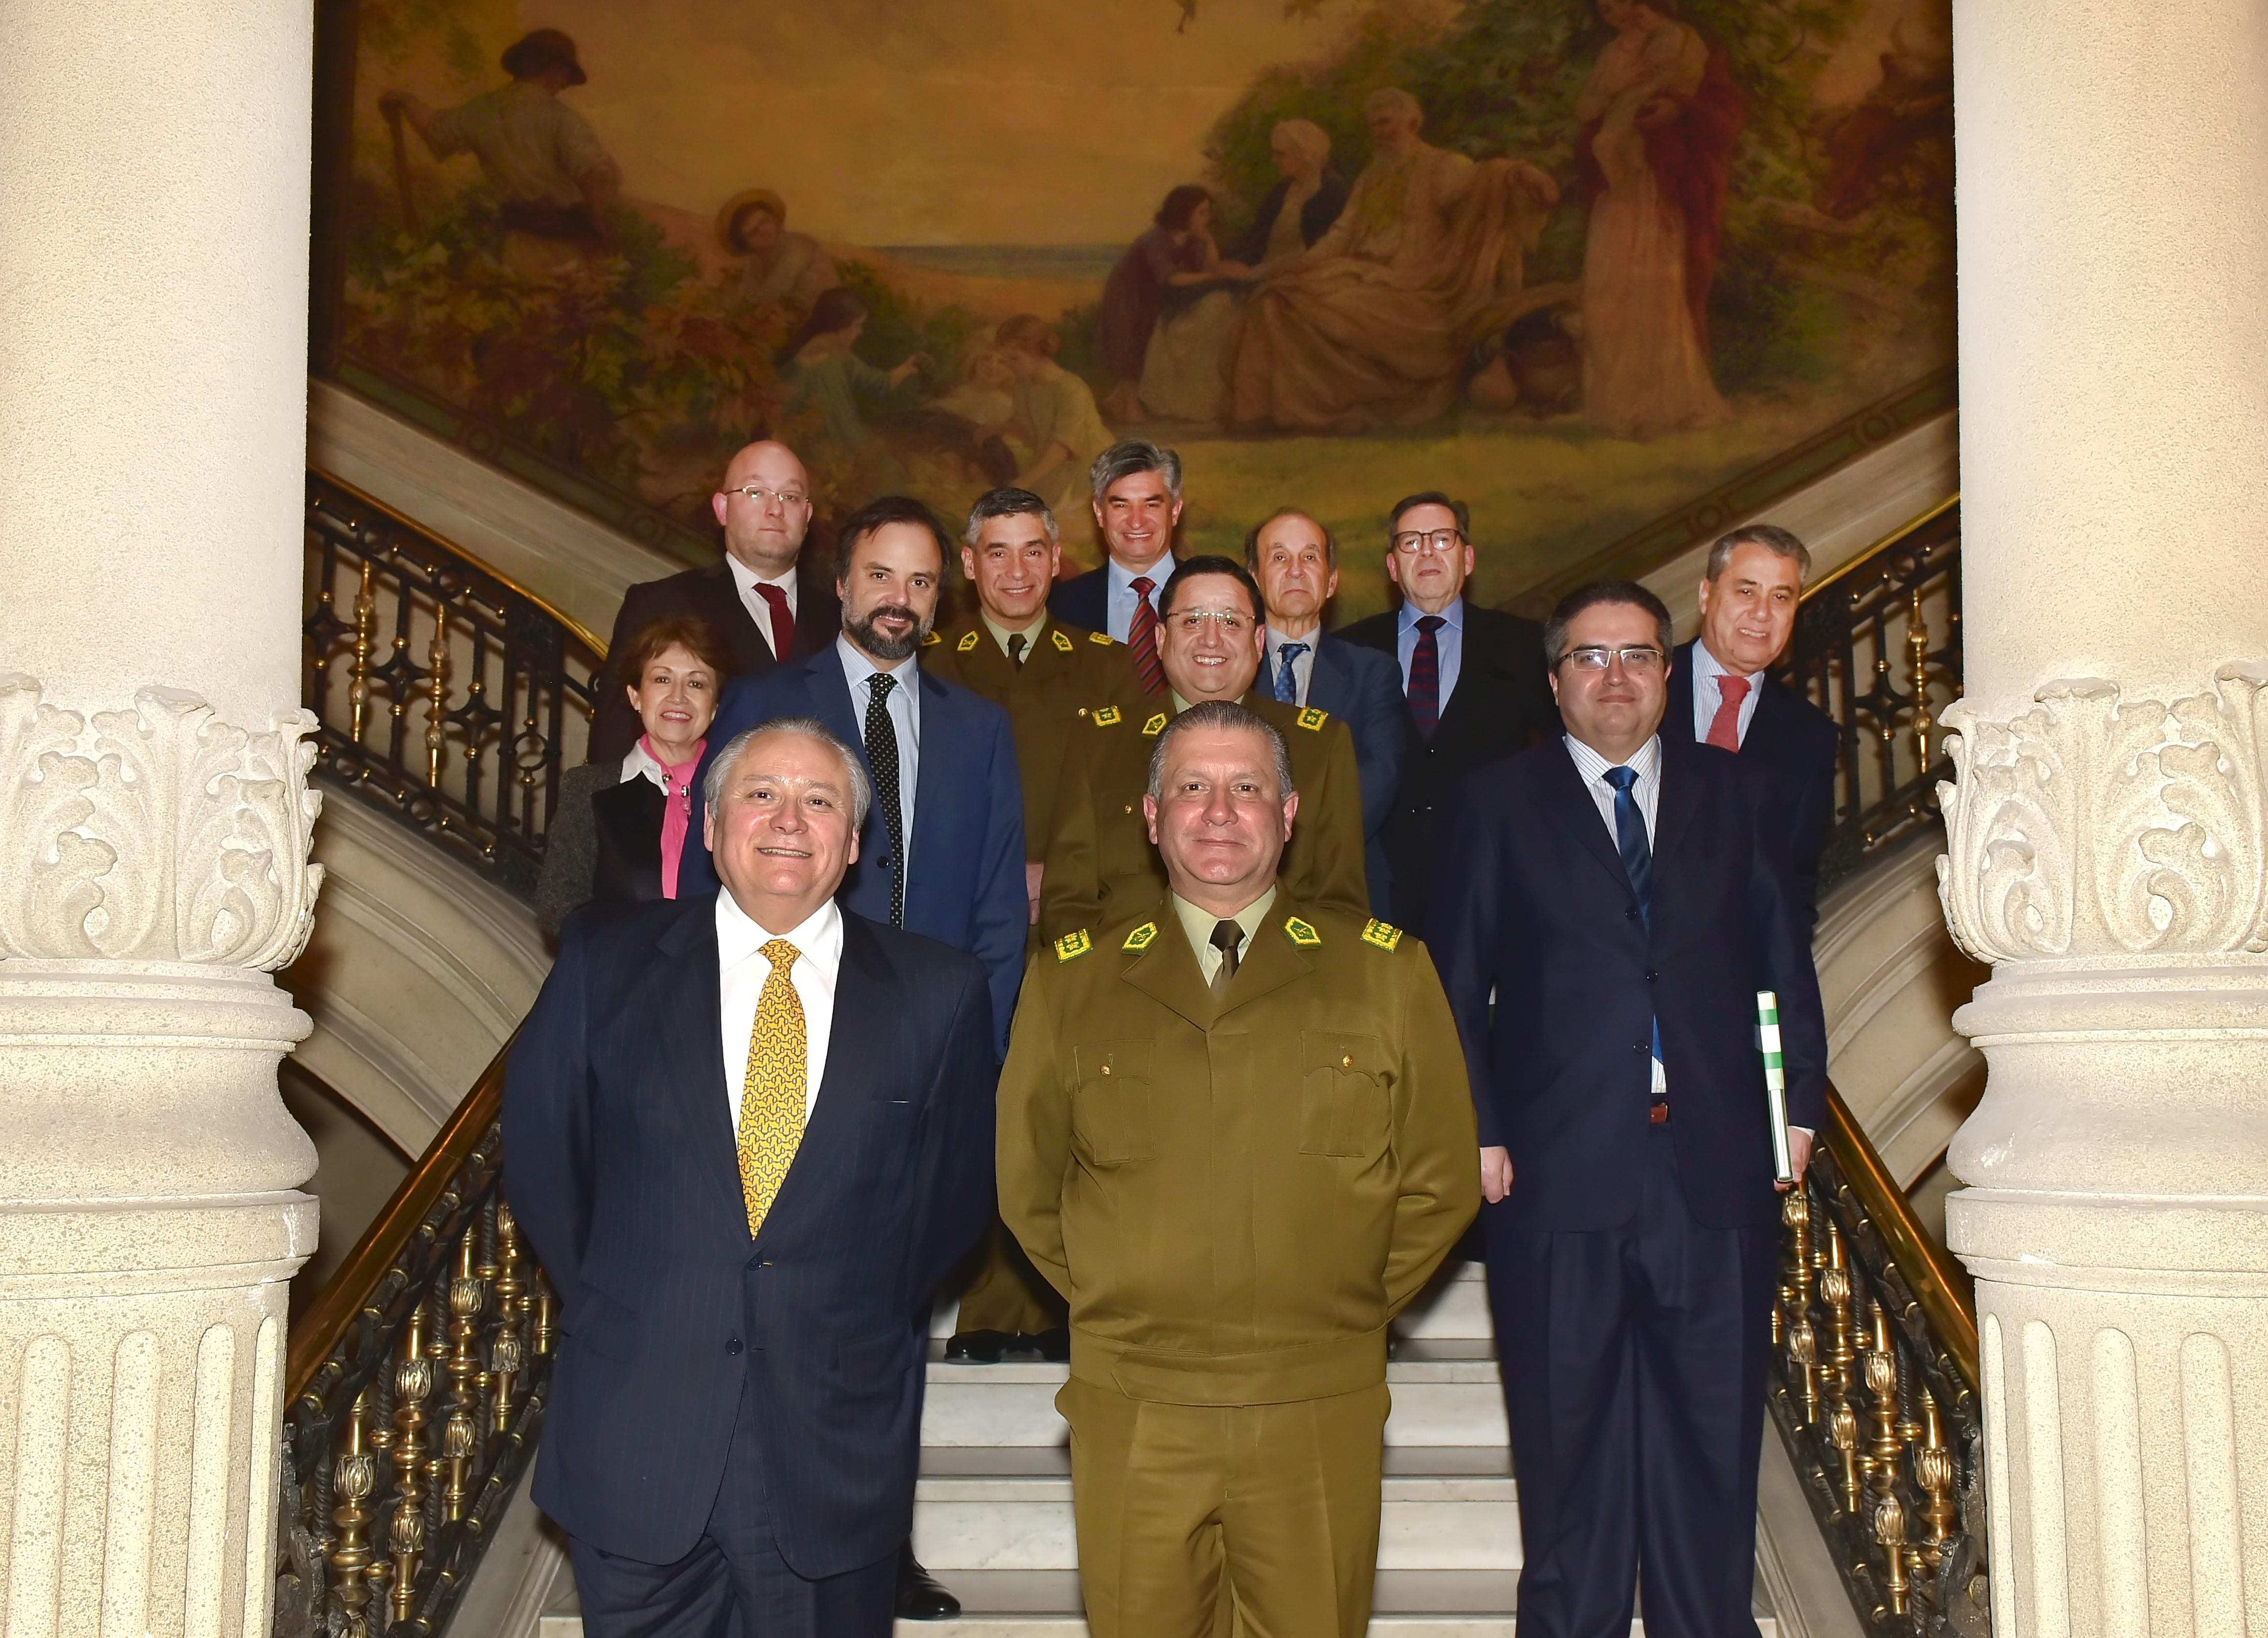 Pleno recibió al General Director, al General Subdirector y al Director Nacional de Inteligencia, Drogas e Investigación Criminal, de Carabineros de Chile